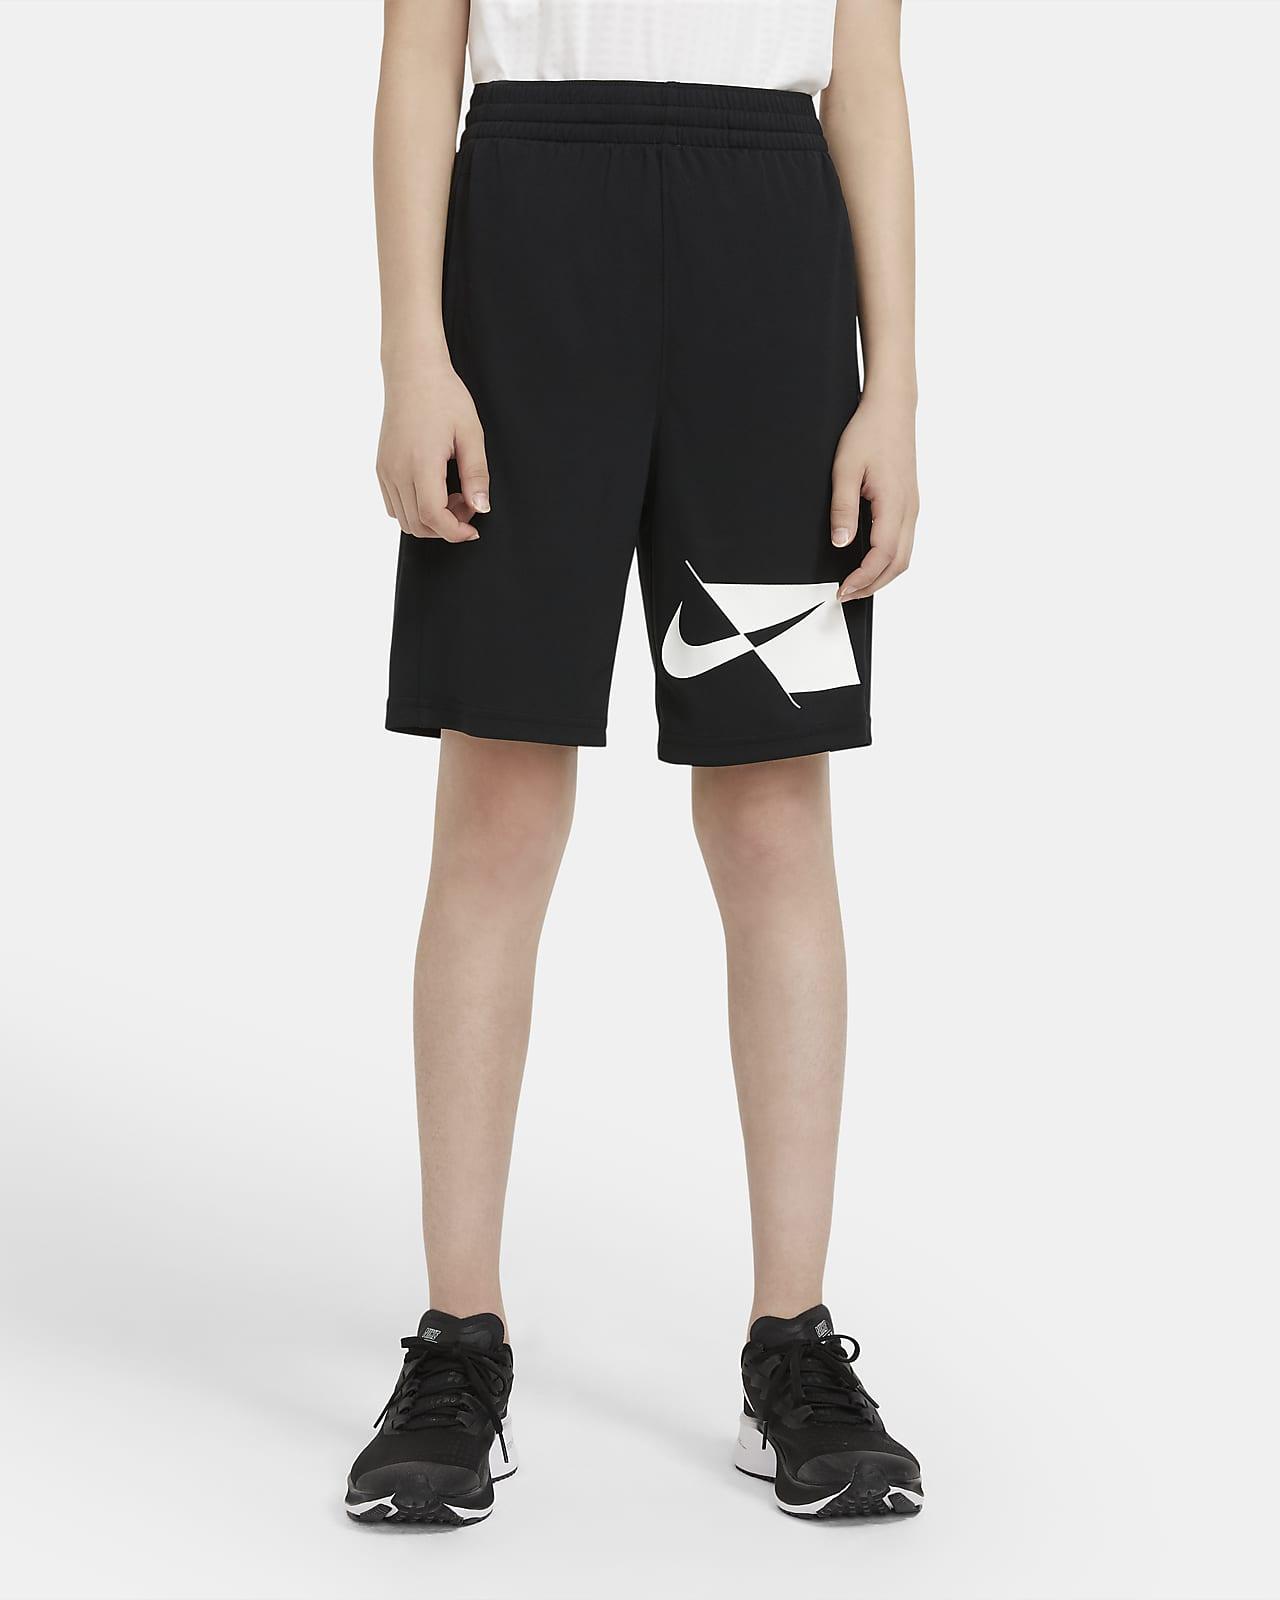 Shorts da training Nike Dri-FIT - Ragazzo